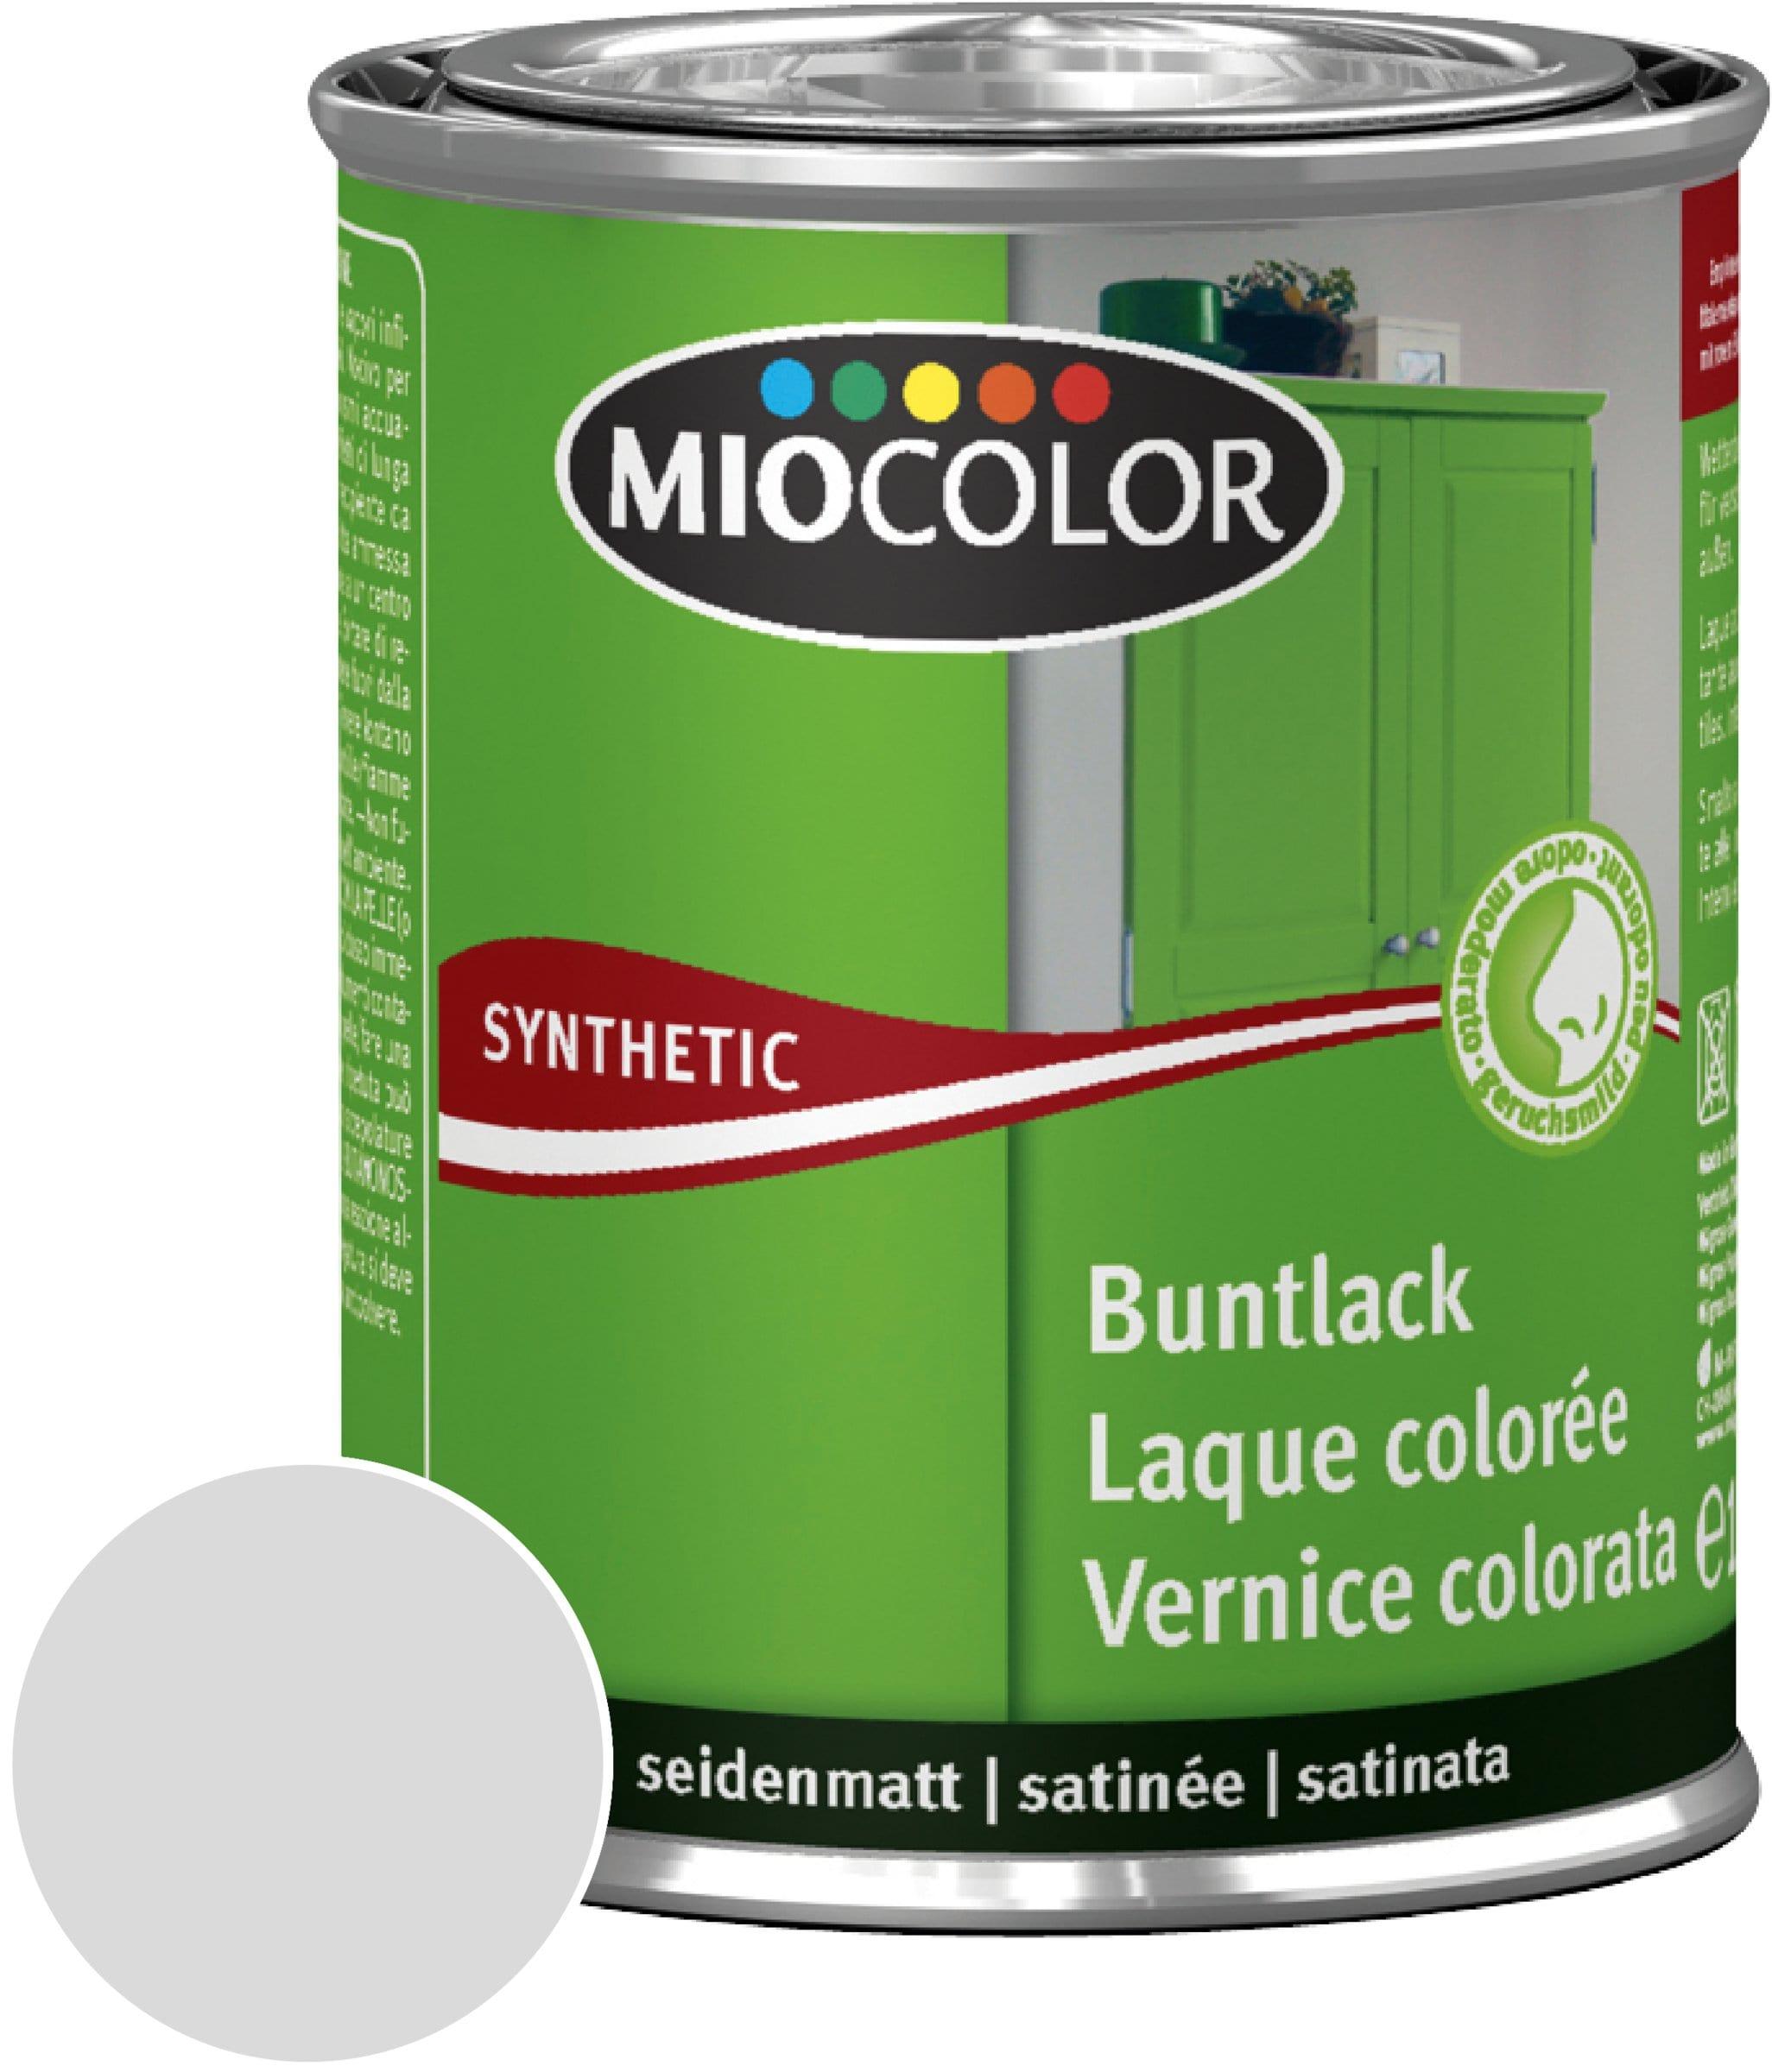 Miocolor Synthetic Laque colorée satinée Gris clair 375 ml